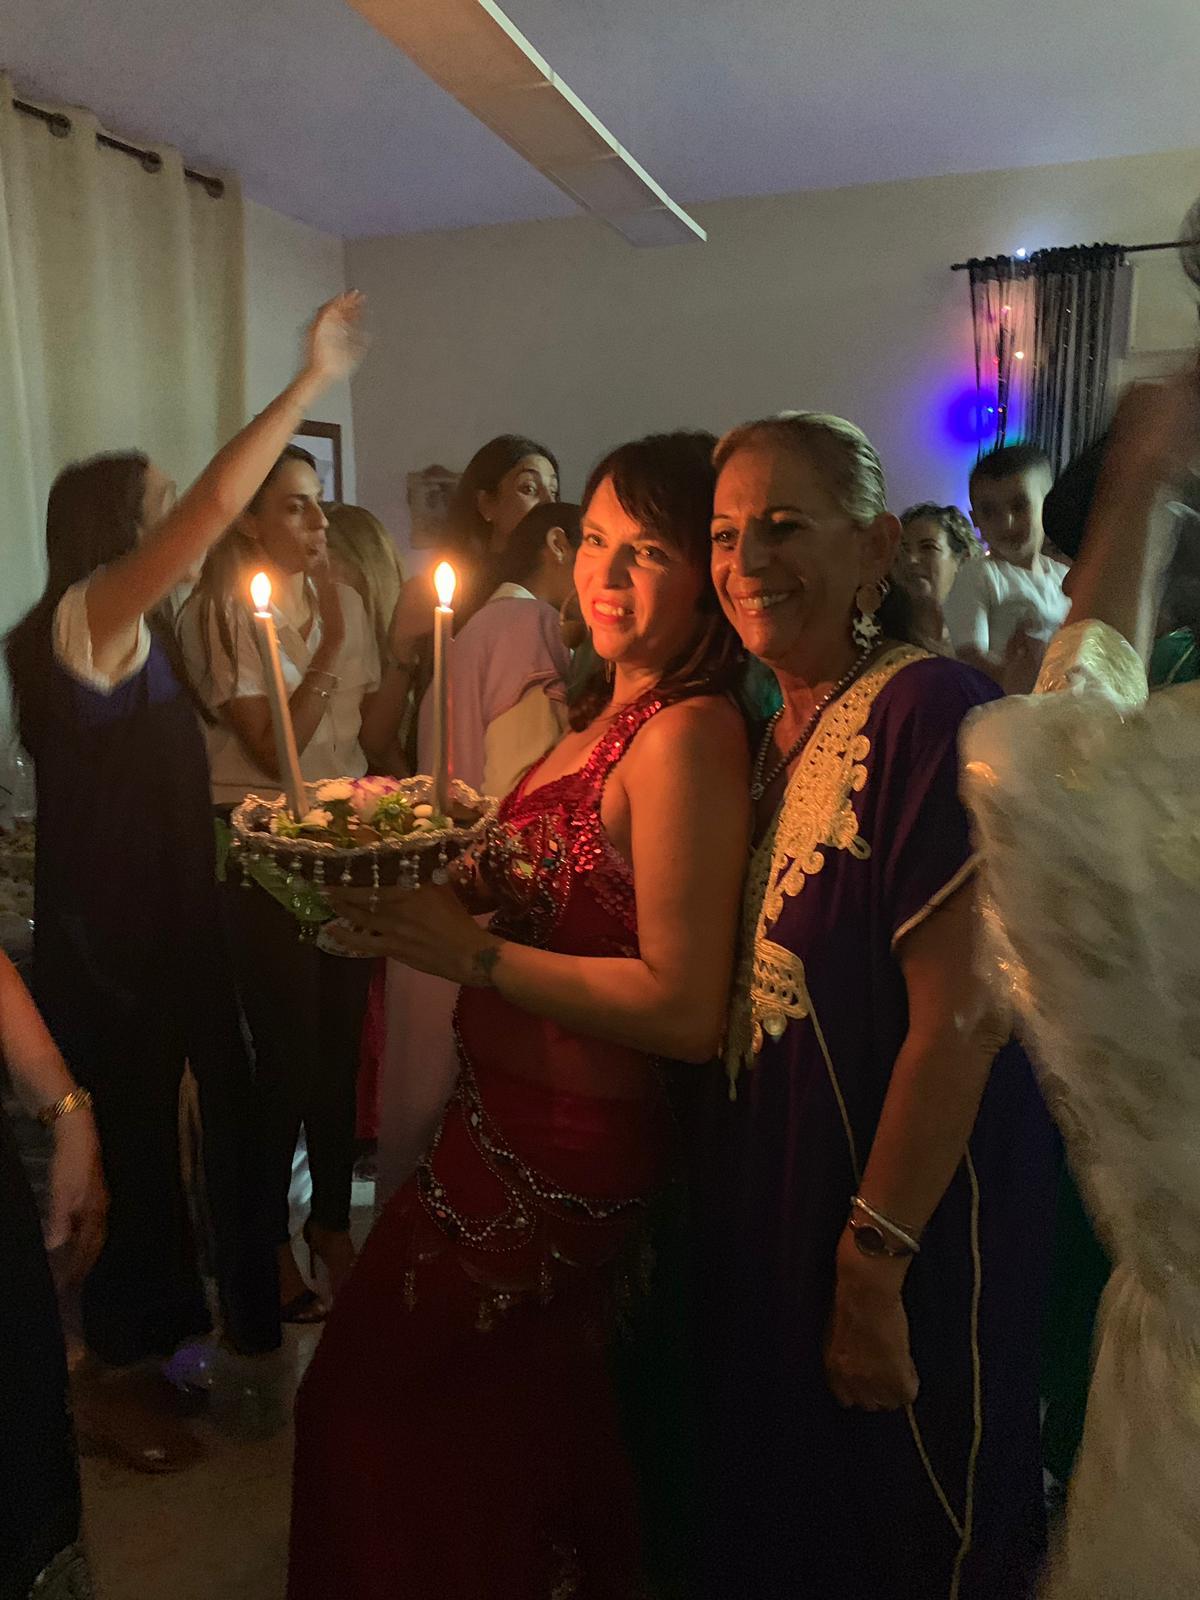 רוקדות במסיבת חינה מרגשת עם מיה טולד